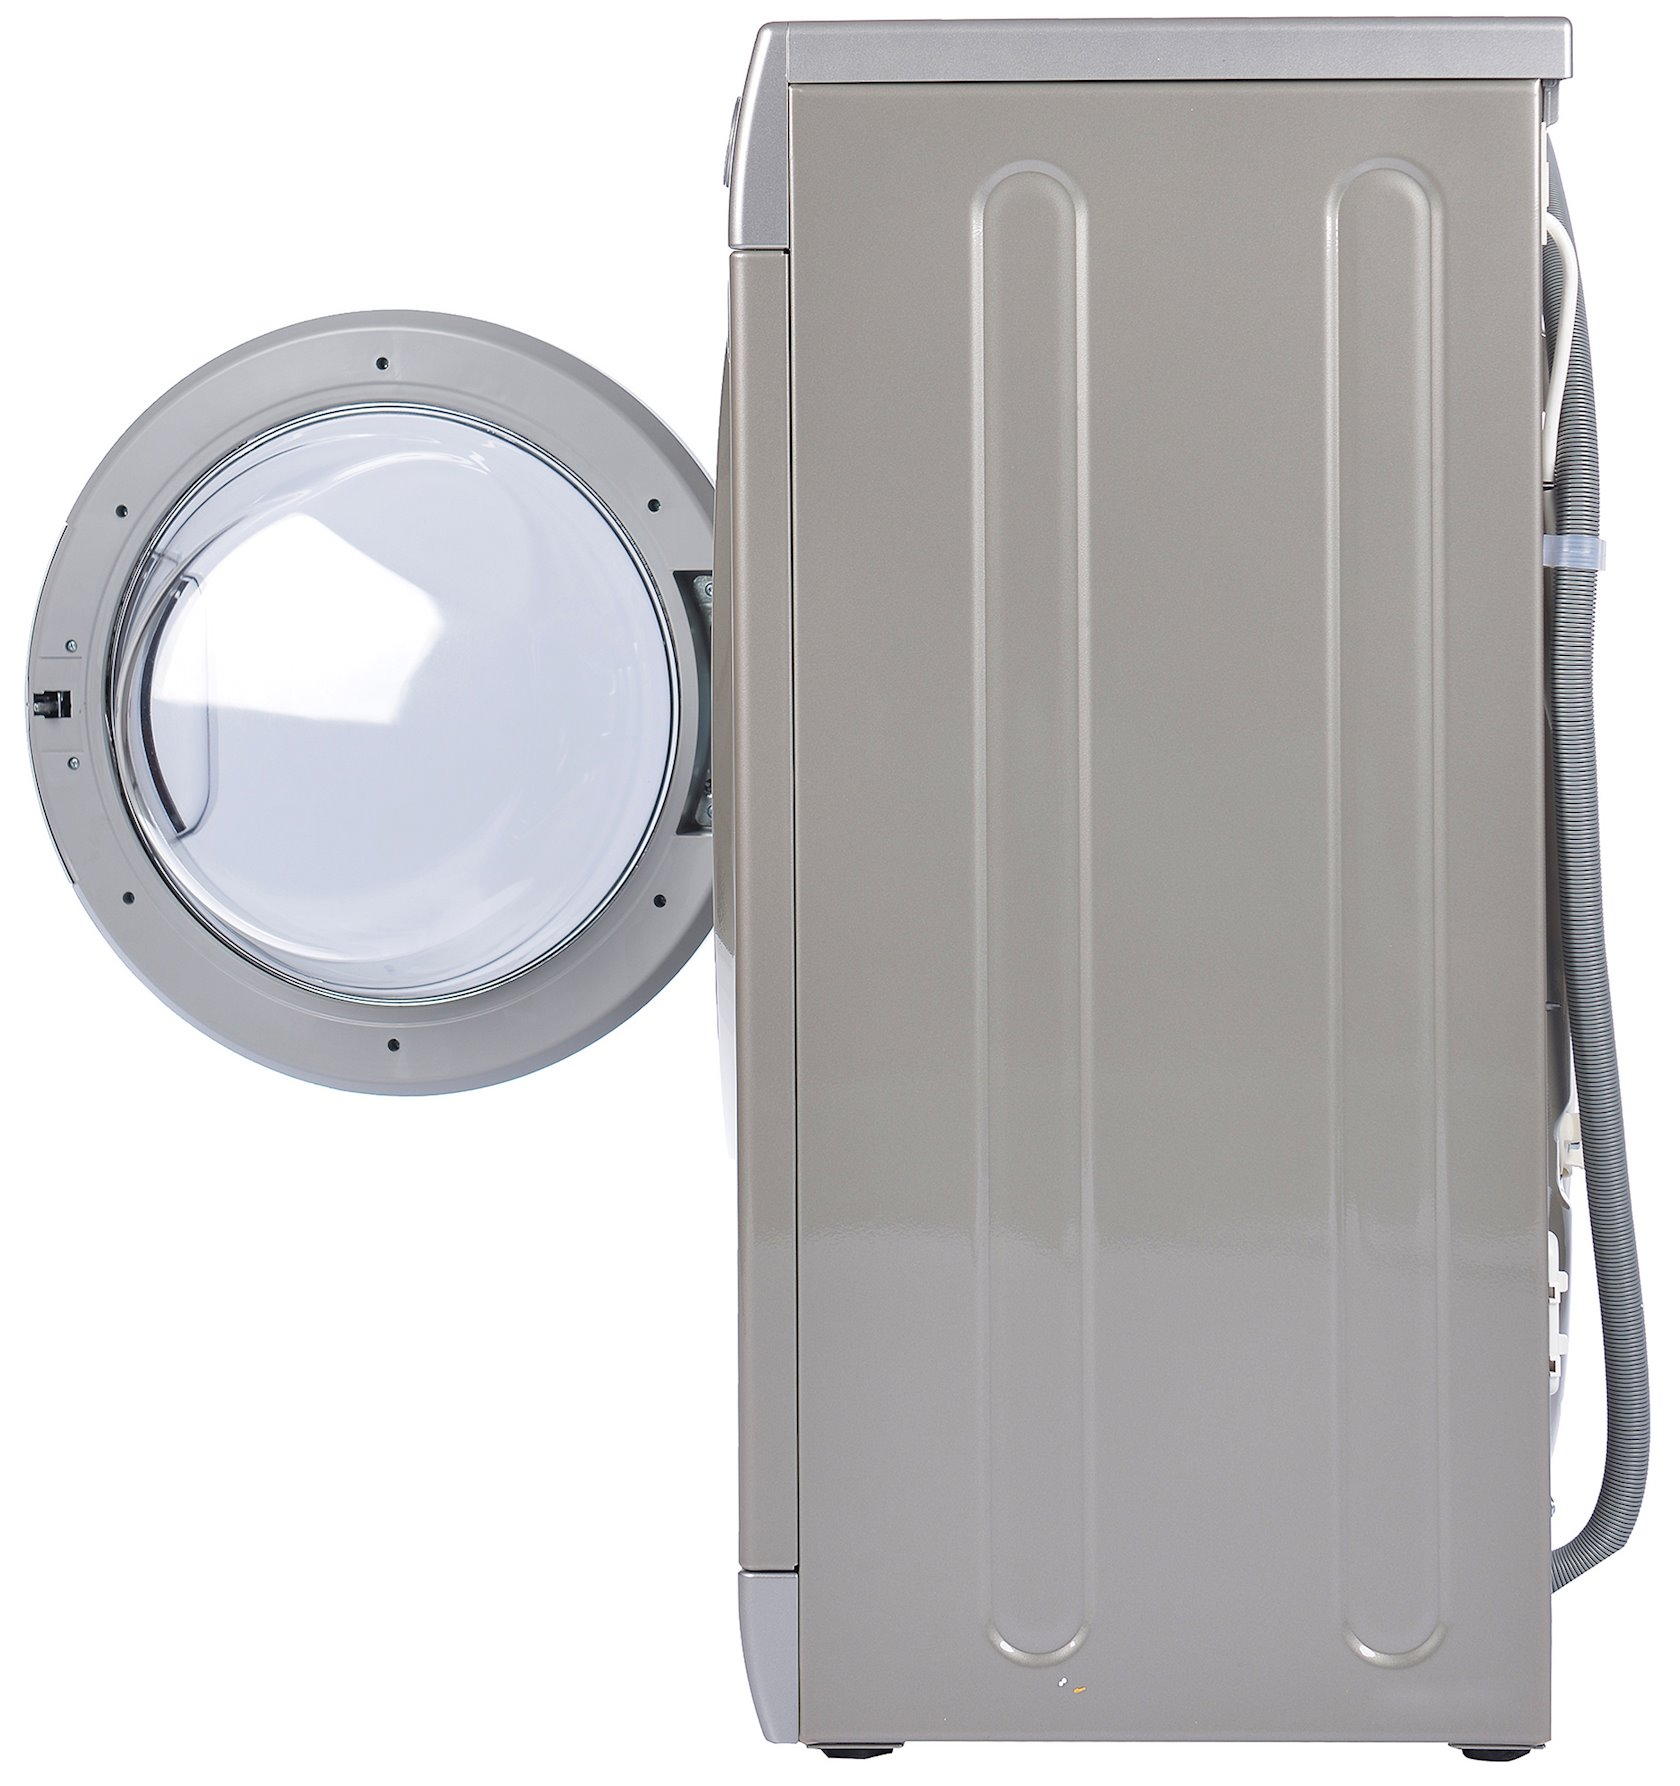 Paltaryuyan maşın Hotpoint-Ariston RSPG 623 SD